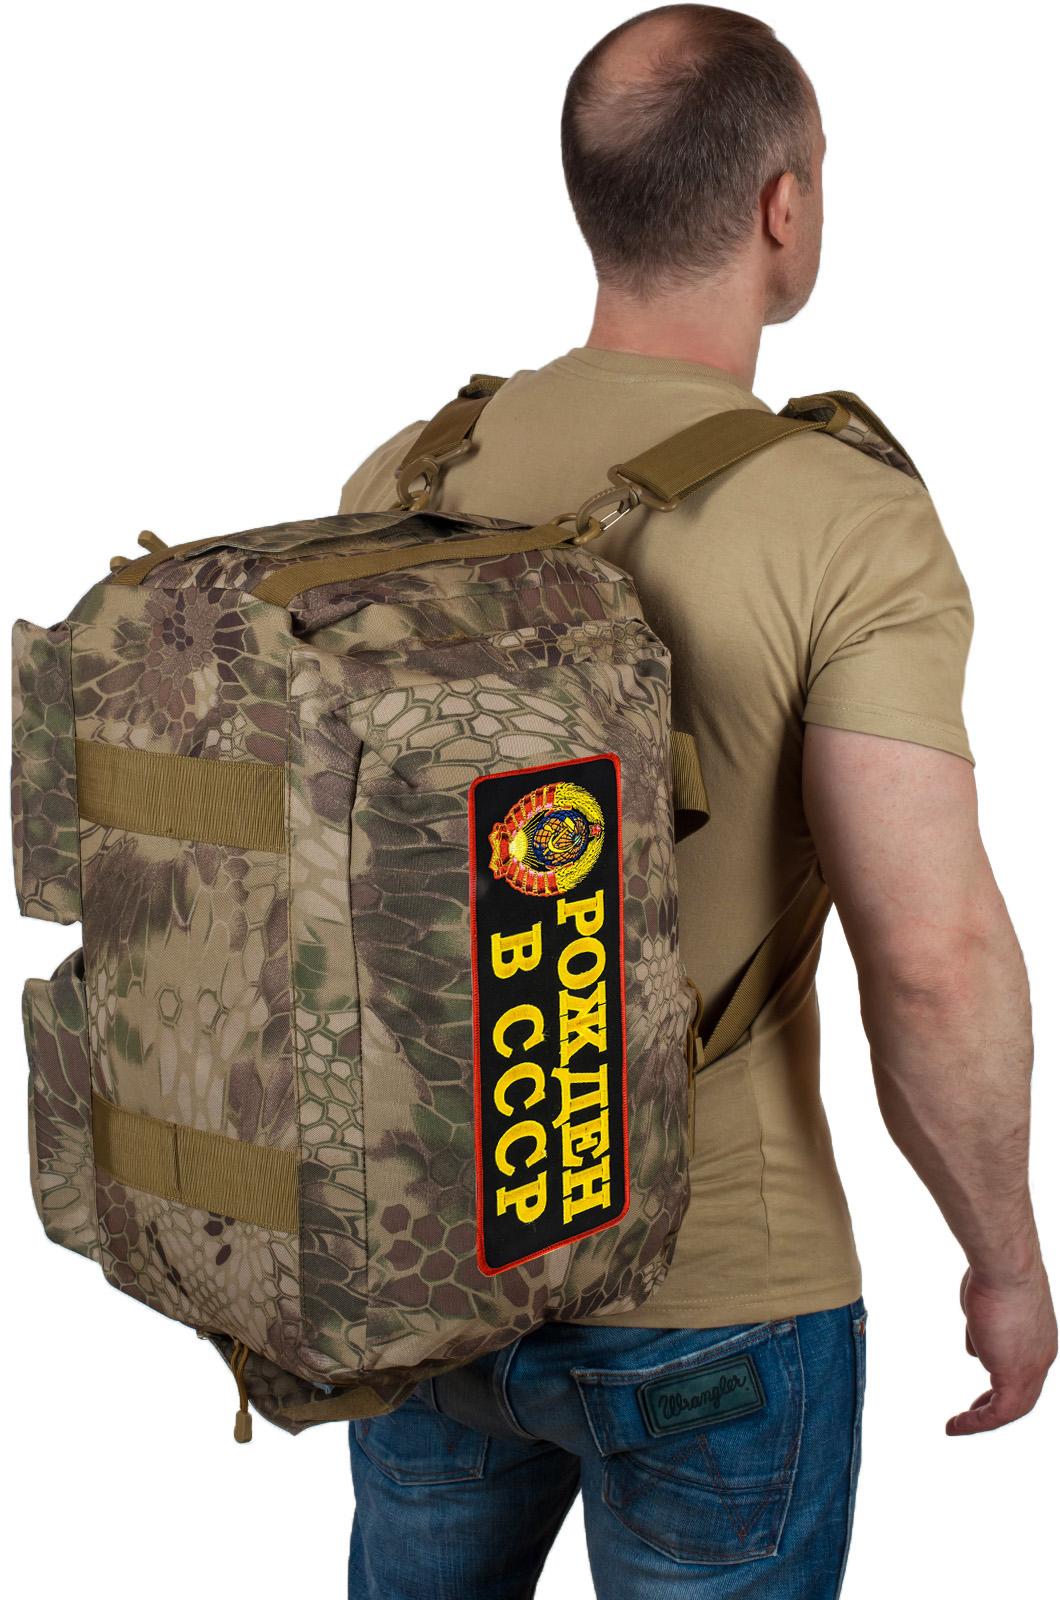 Купить камуфляжную сумку для походов Рожден в СССР по экономичной цене